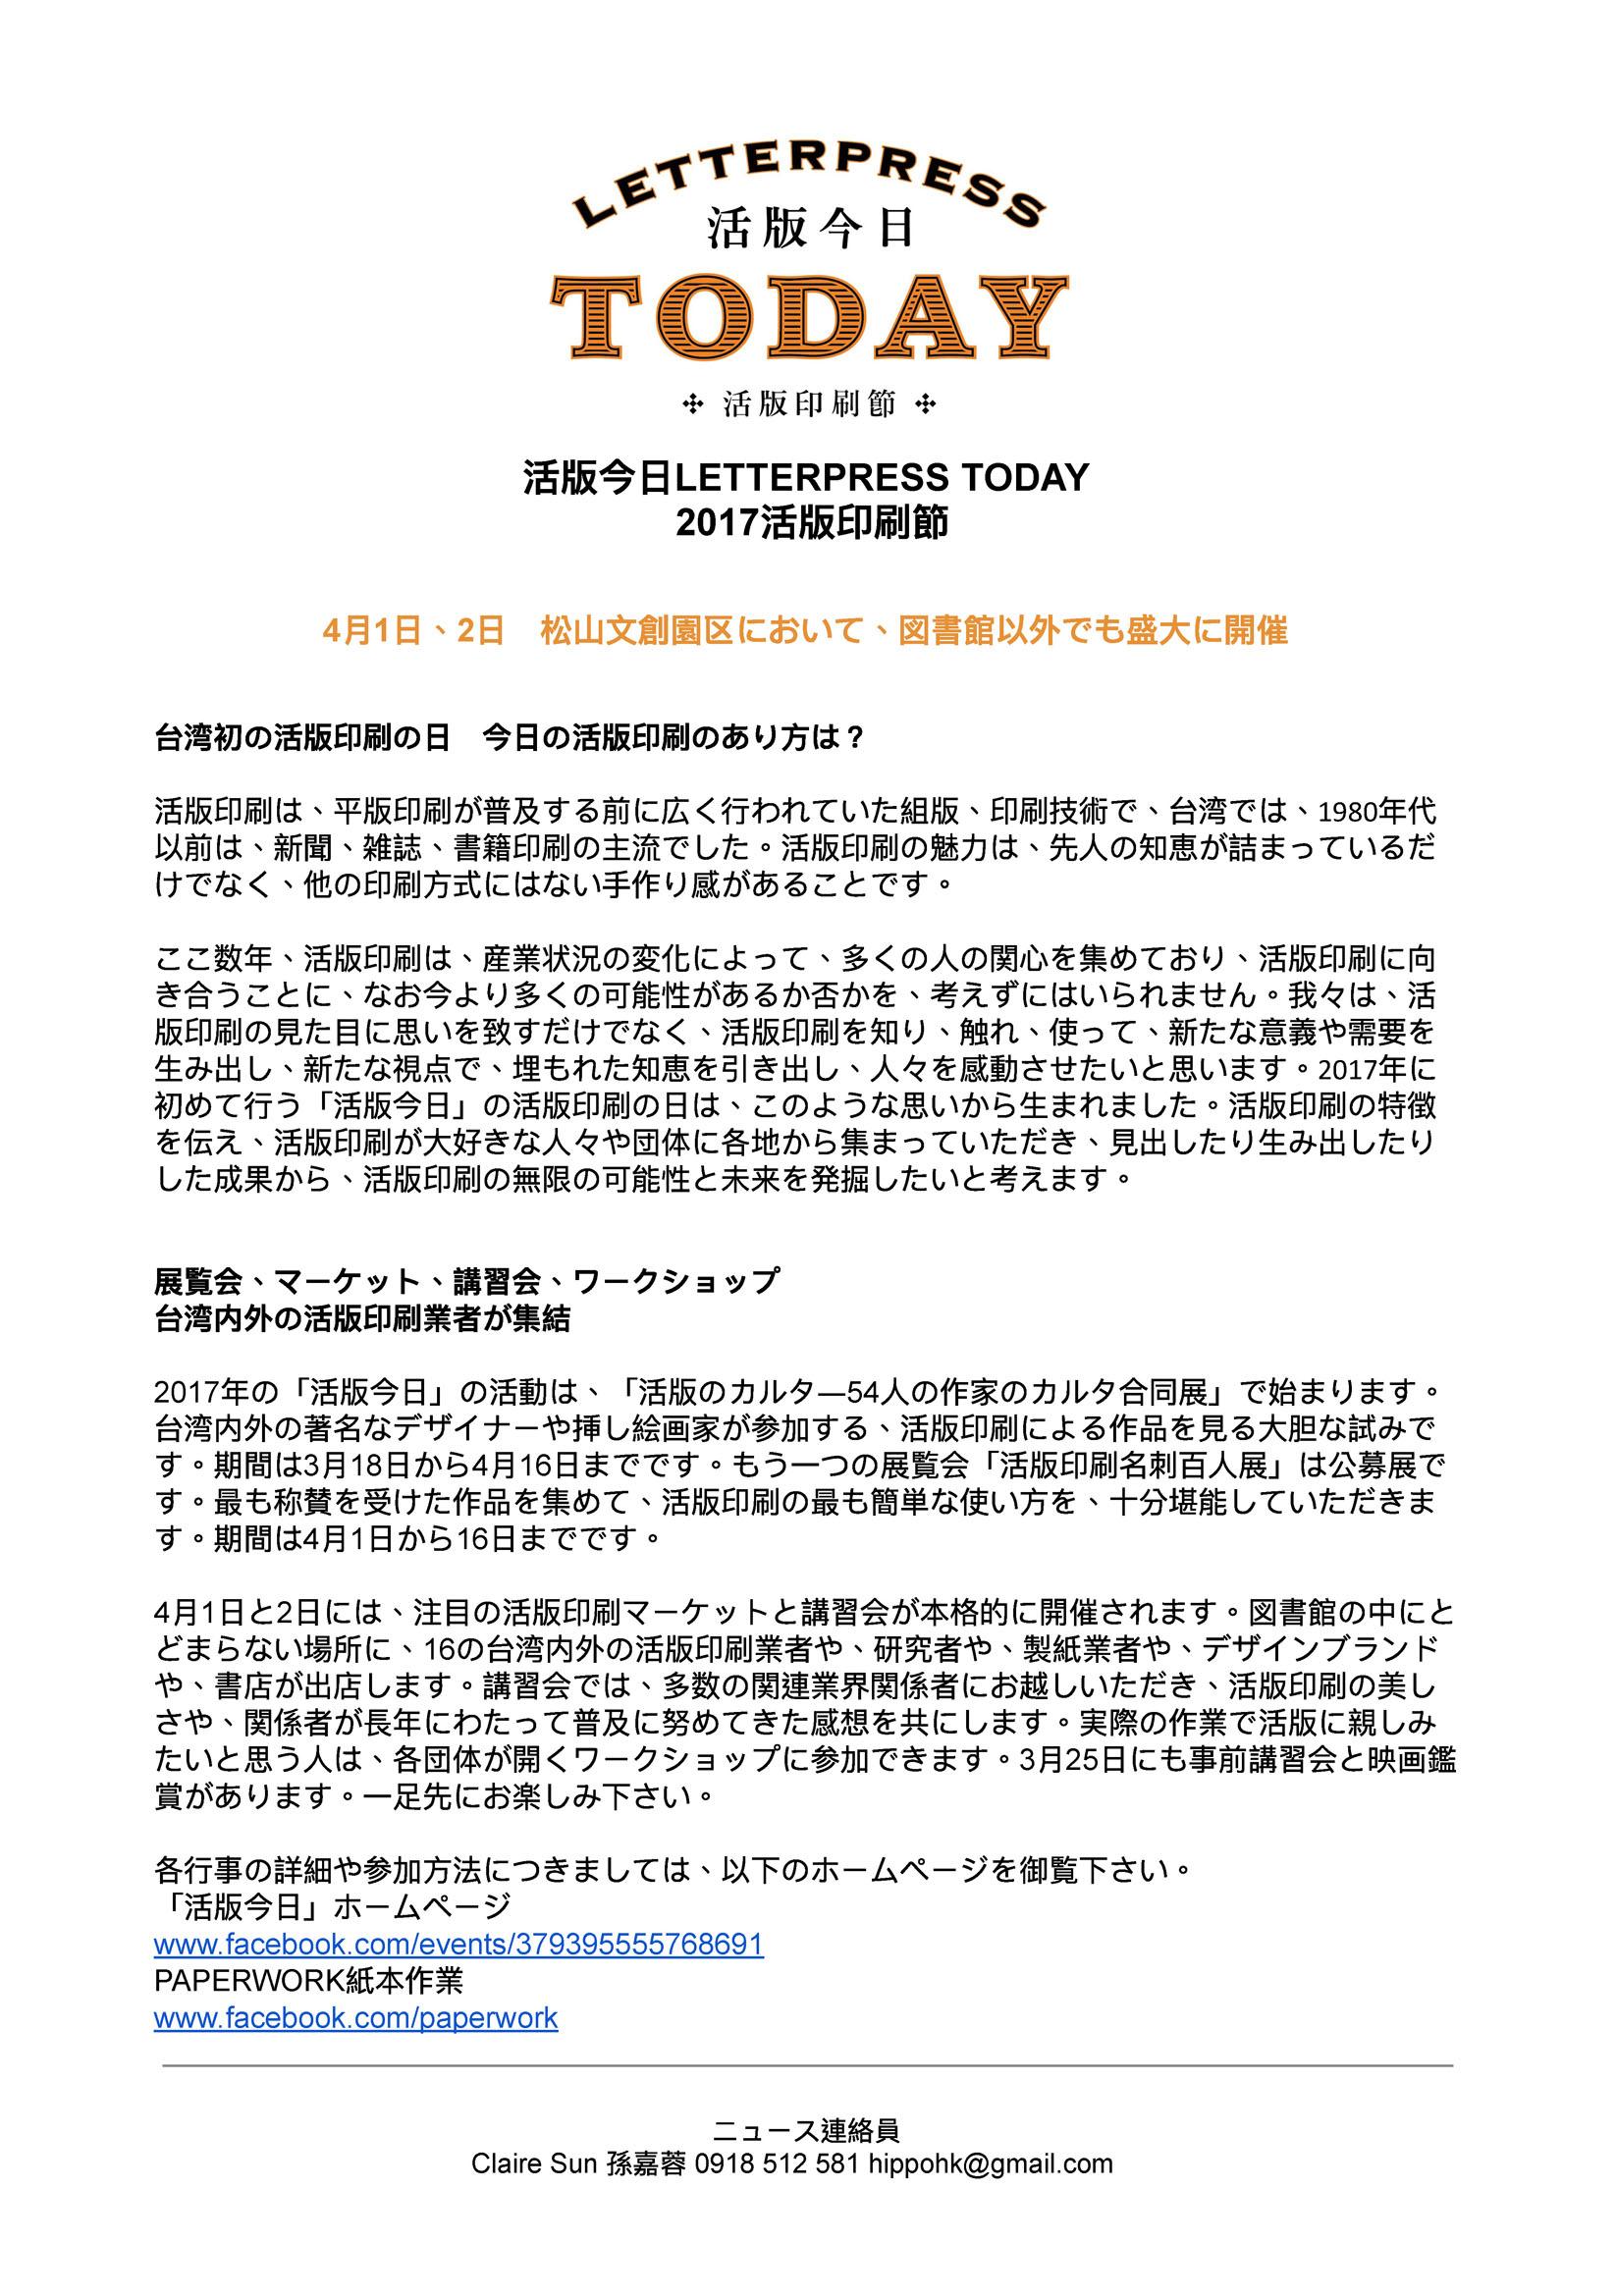 プレスリリース Letterpress Today「活版今日」活版印刷節